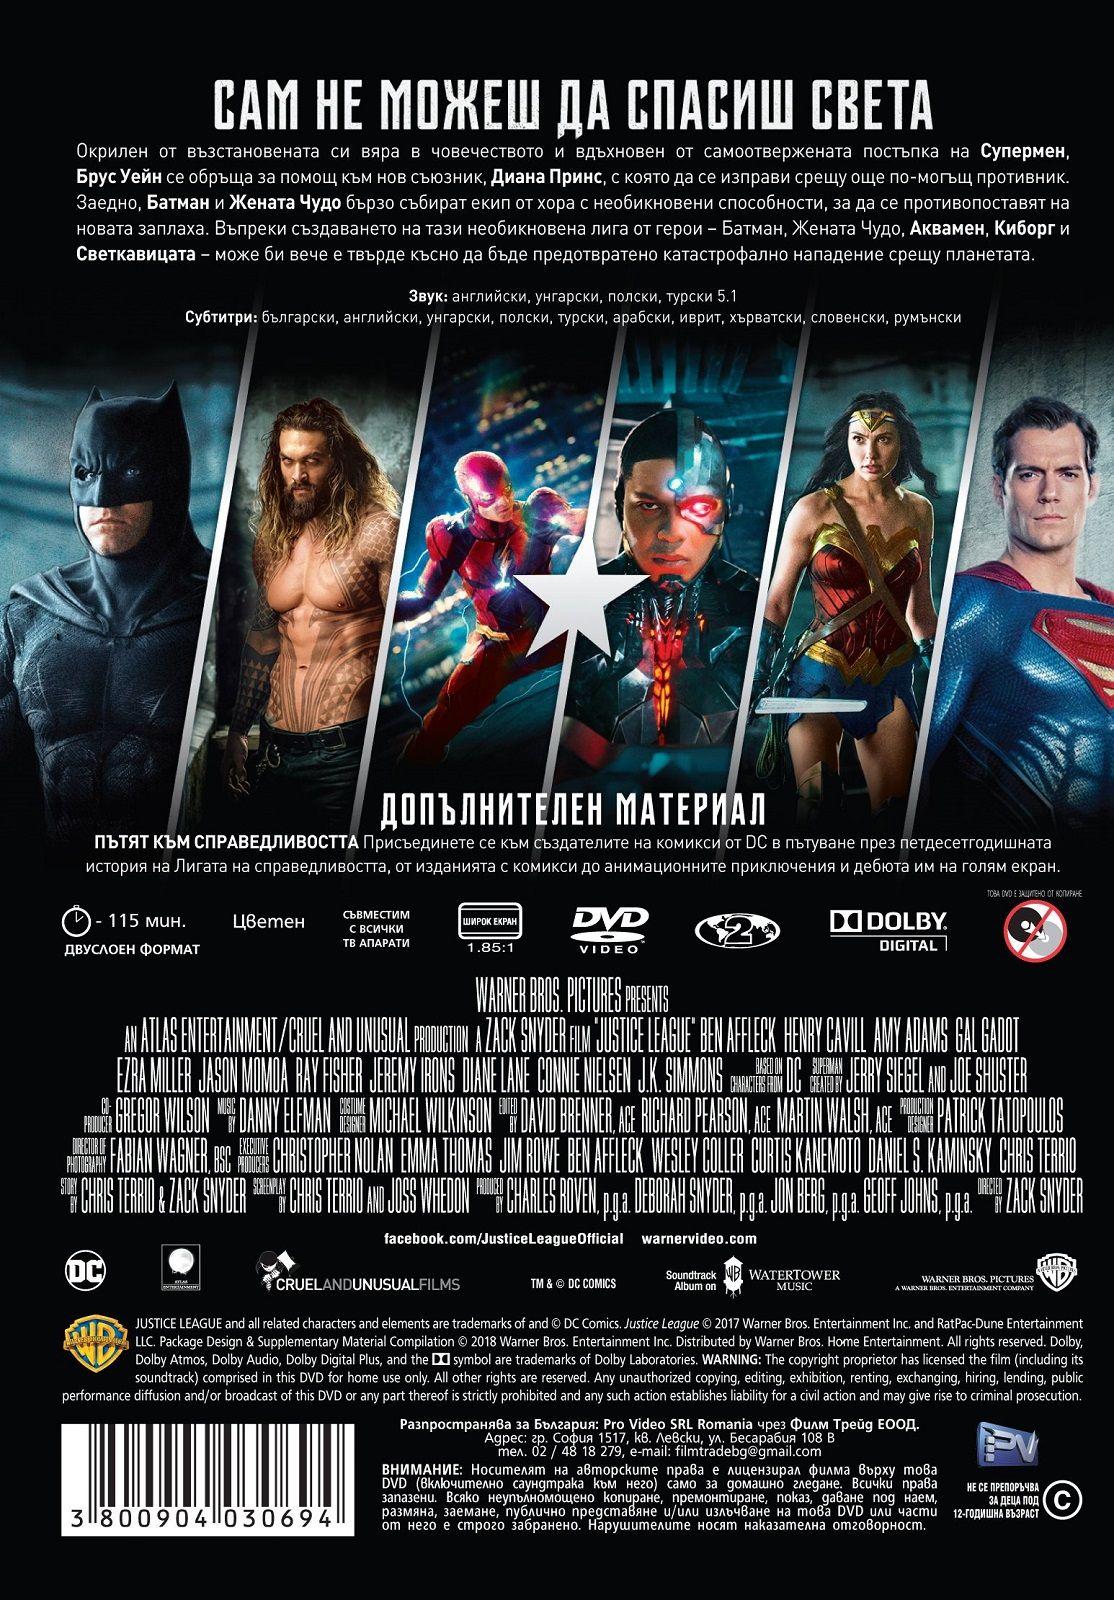 Лигата на справедливостта (DVD) - 2